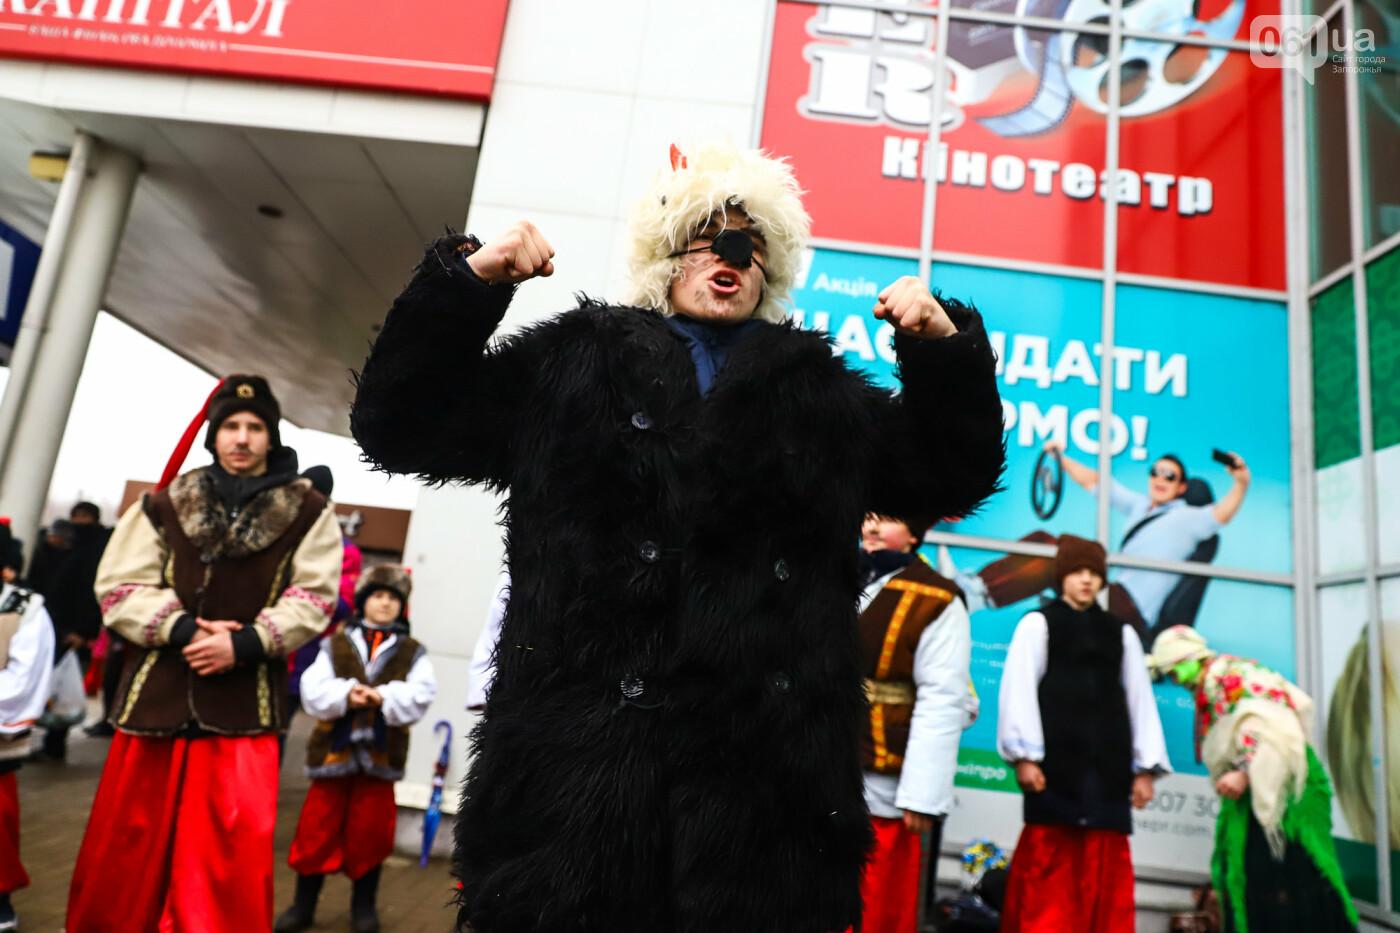 Нечистая сила против казаков: на улицах Запорожья показывали Рождественский вертеп, - ФОТО, ВИДЕО  , фото-18